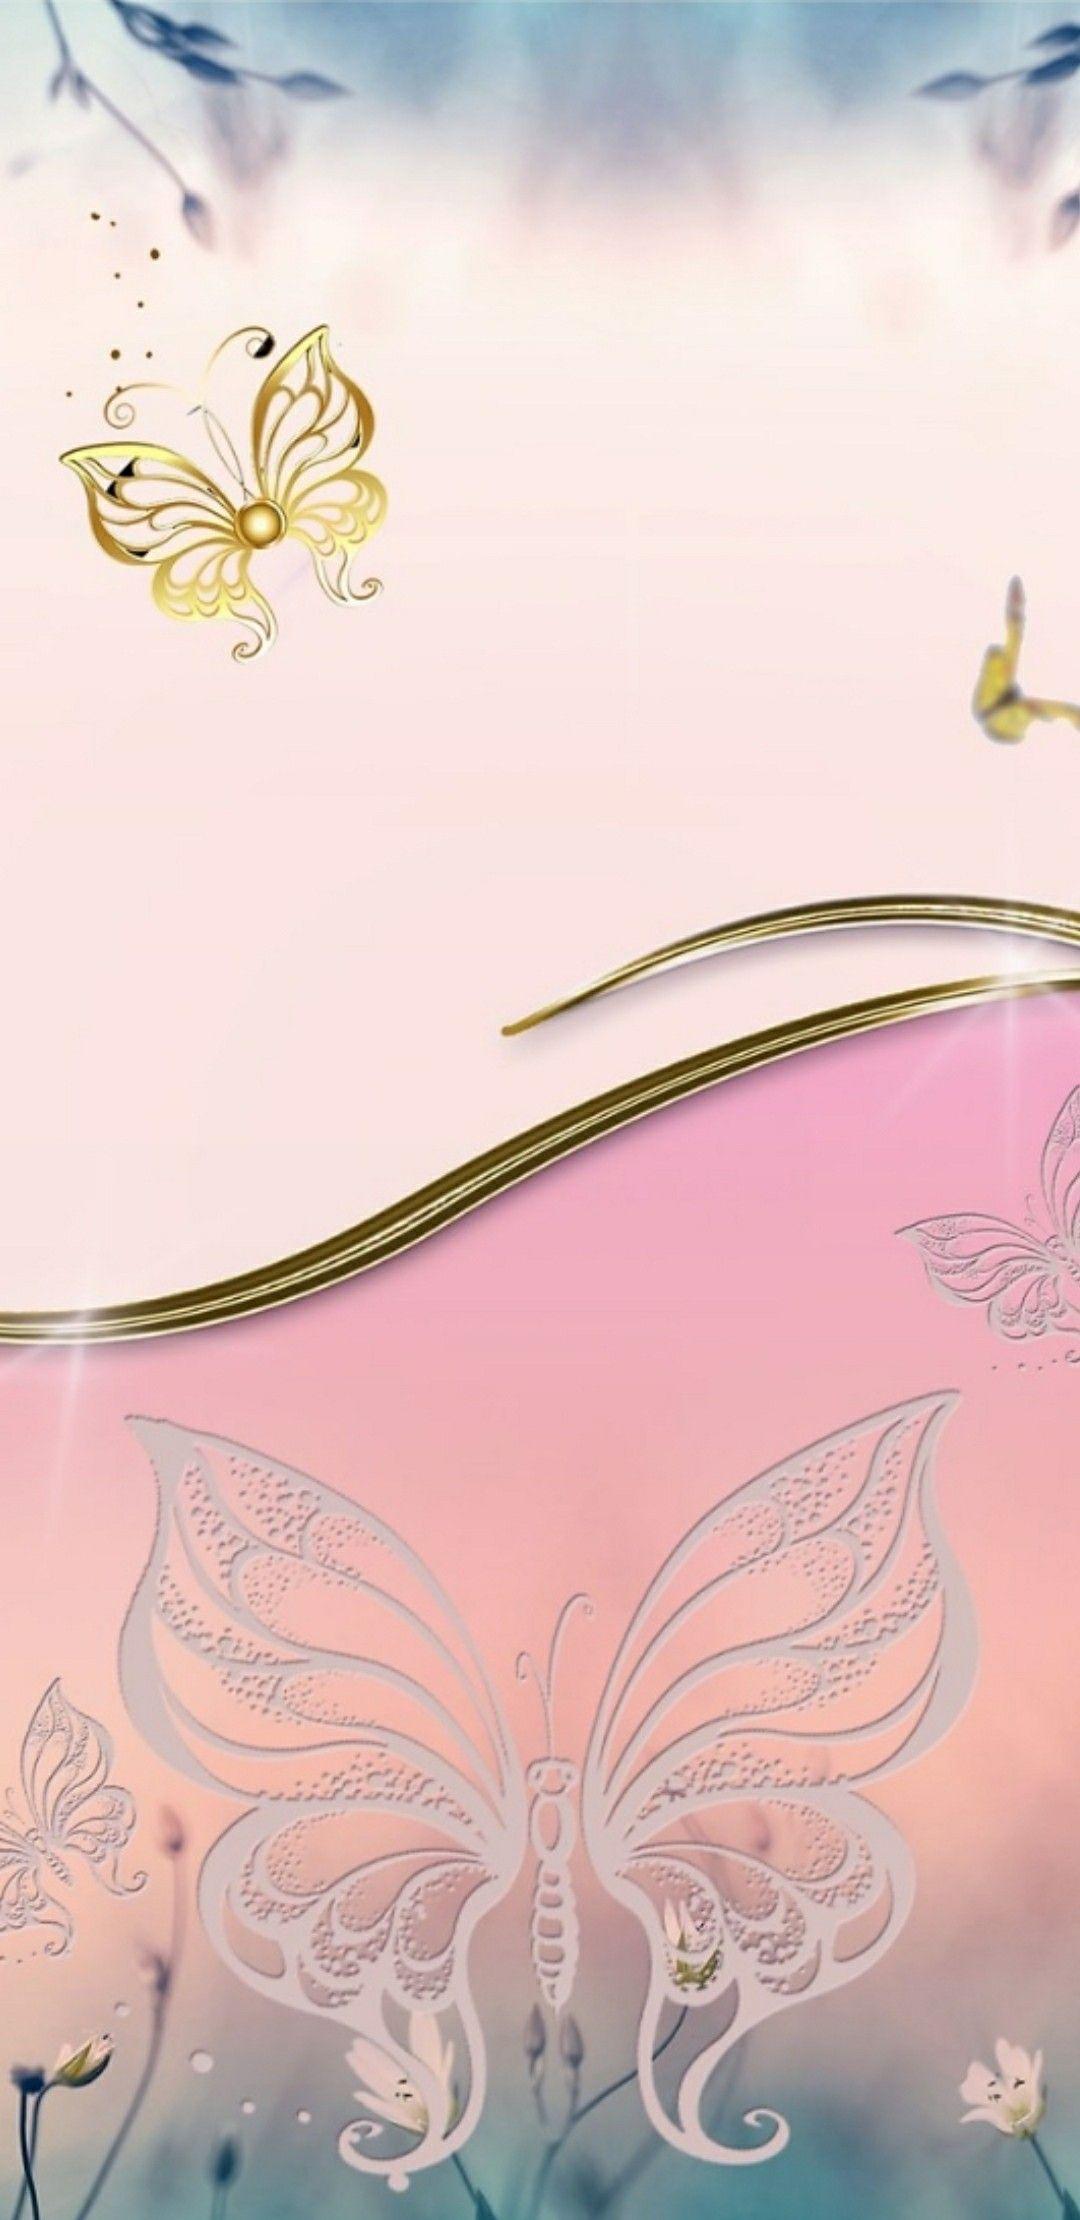 Pink Butterfly Butterfly Wallpaper Cellphone Wallpaper